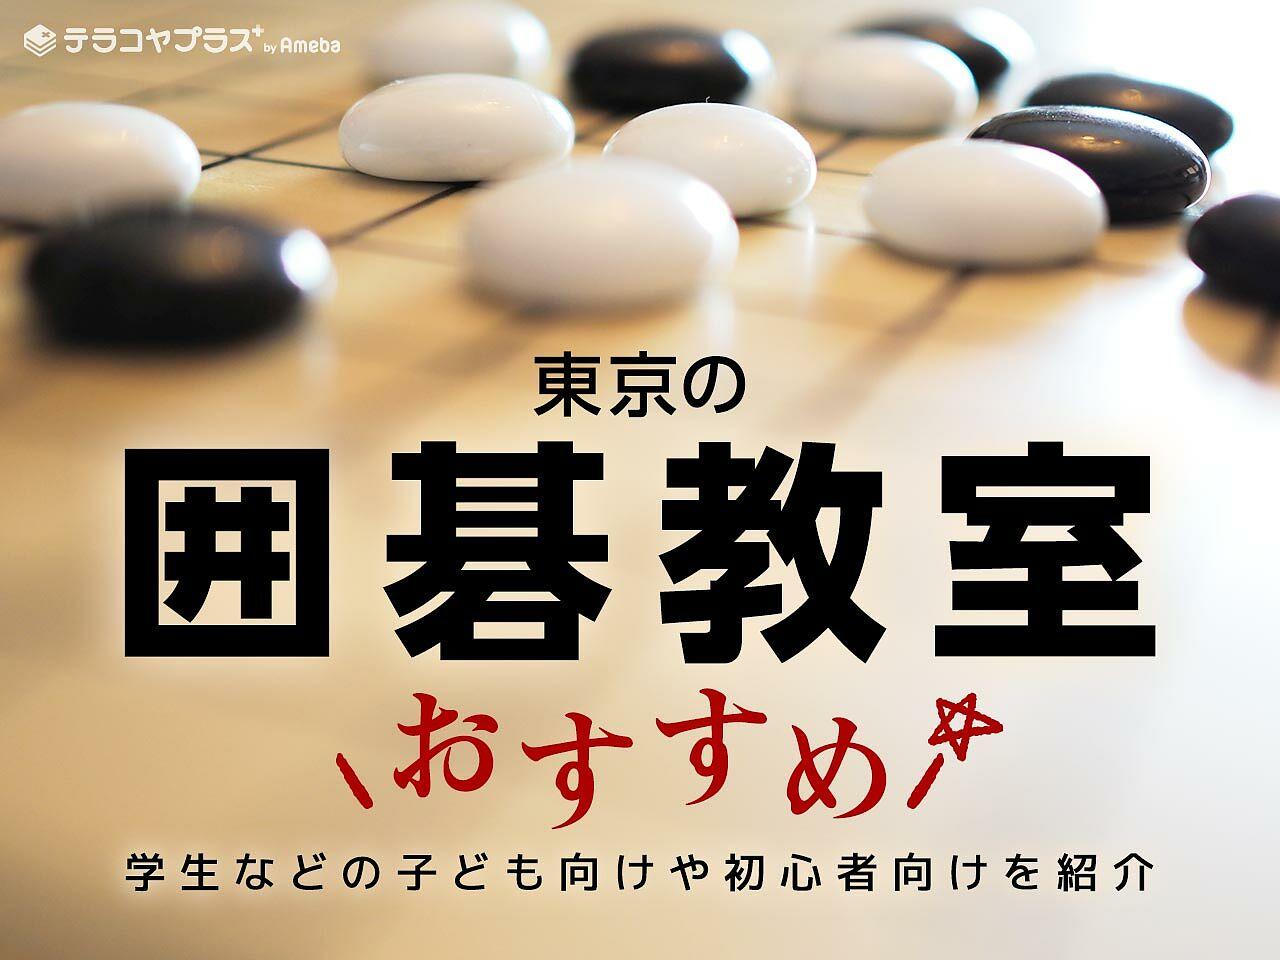 東京の囲碁教室おすすめ19選【2021年】小学生などの子ども向けや初心者向けを紹介の画像